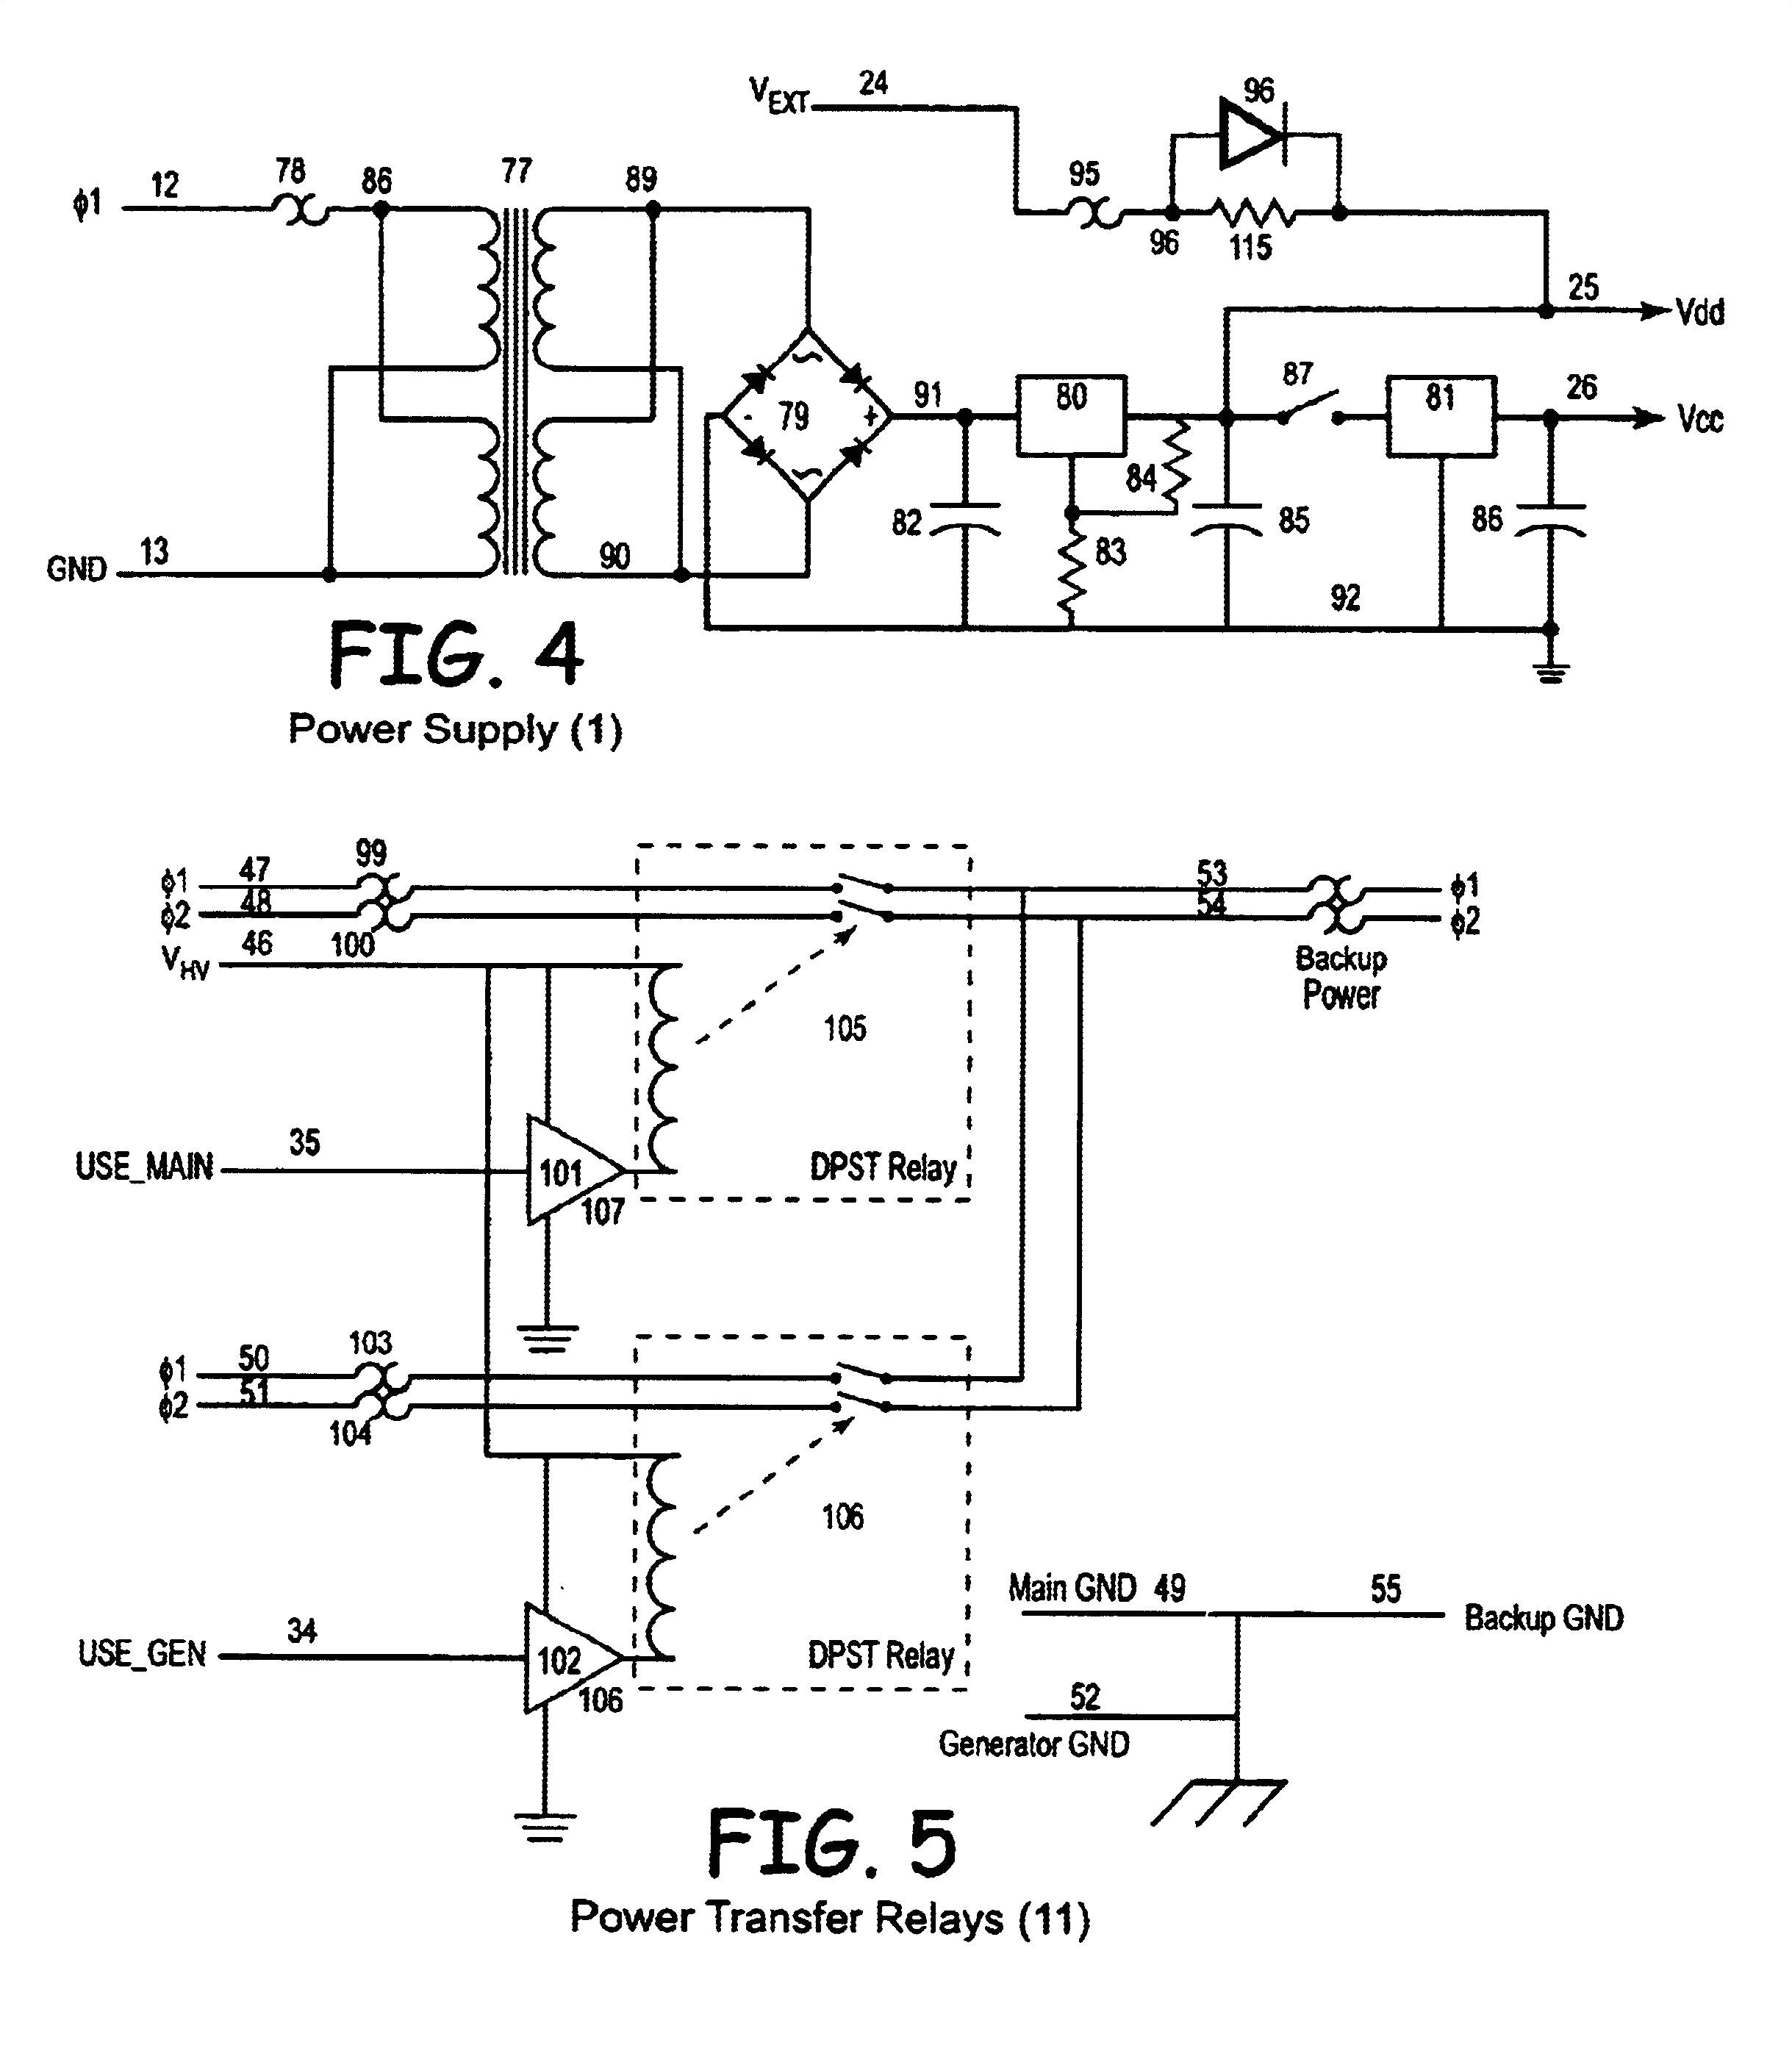 400w Metal Halide Wiring Diagram Wrg 5461 400 Watt Metal Halide Wiring Diagram Schematic